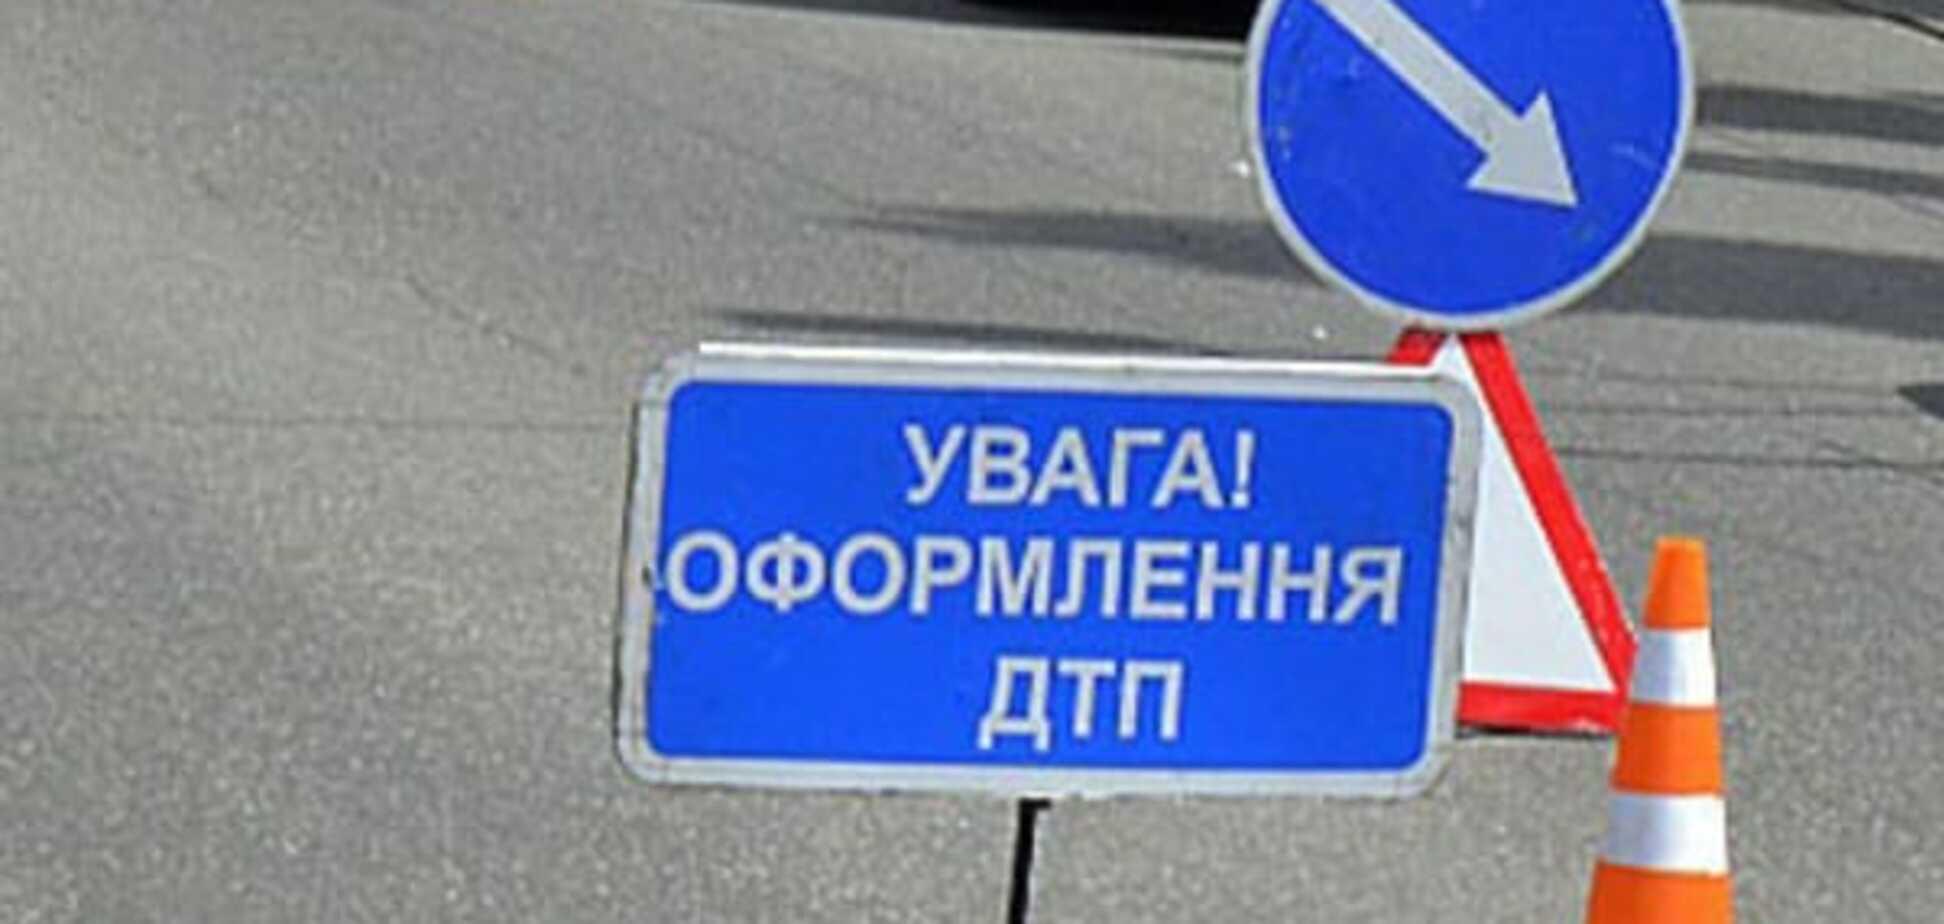 Смертельна ДТП під Києвом: водій виїхав на зустрічну смугу